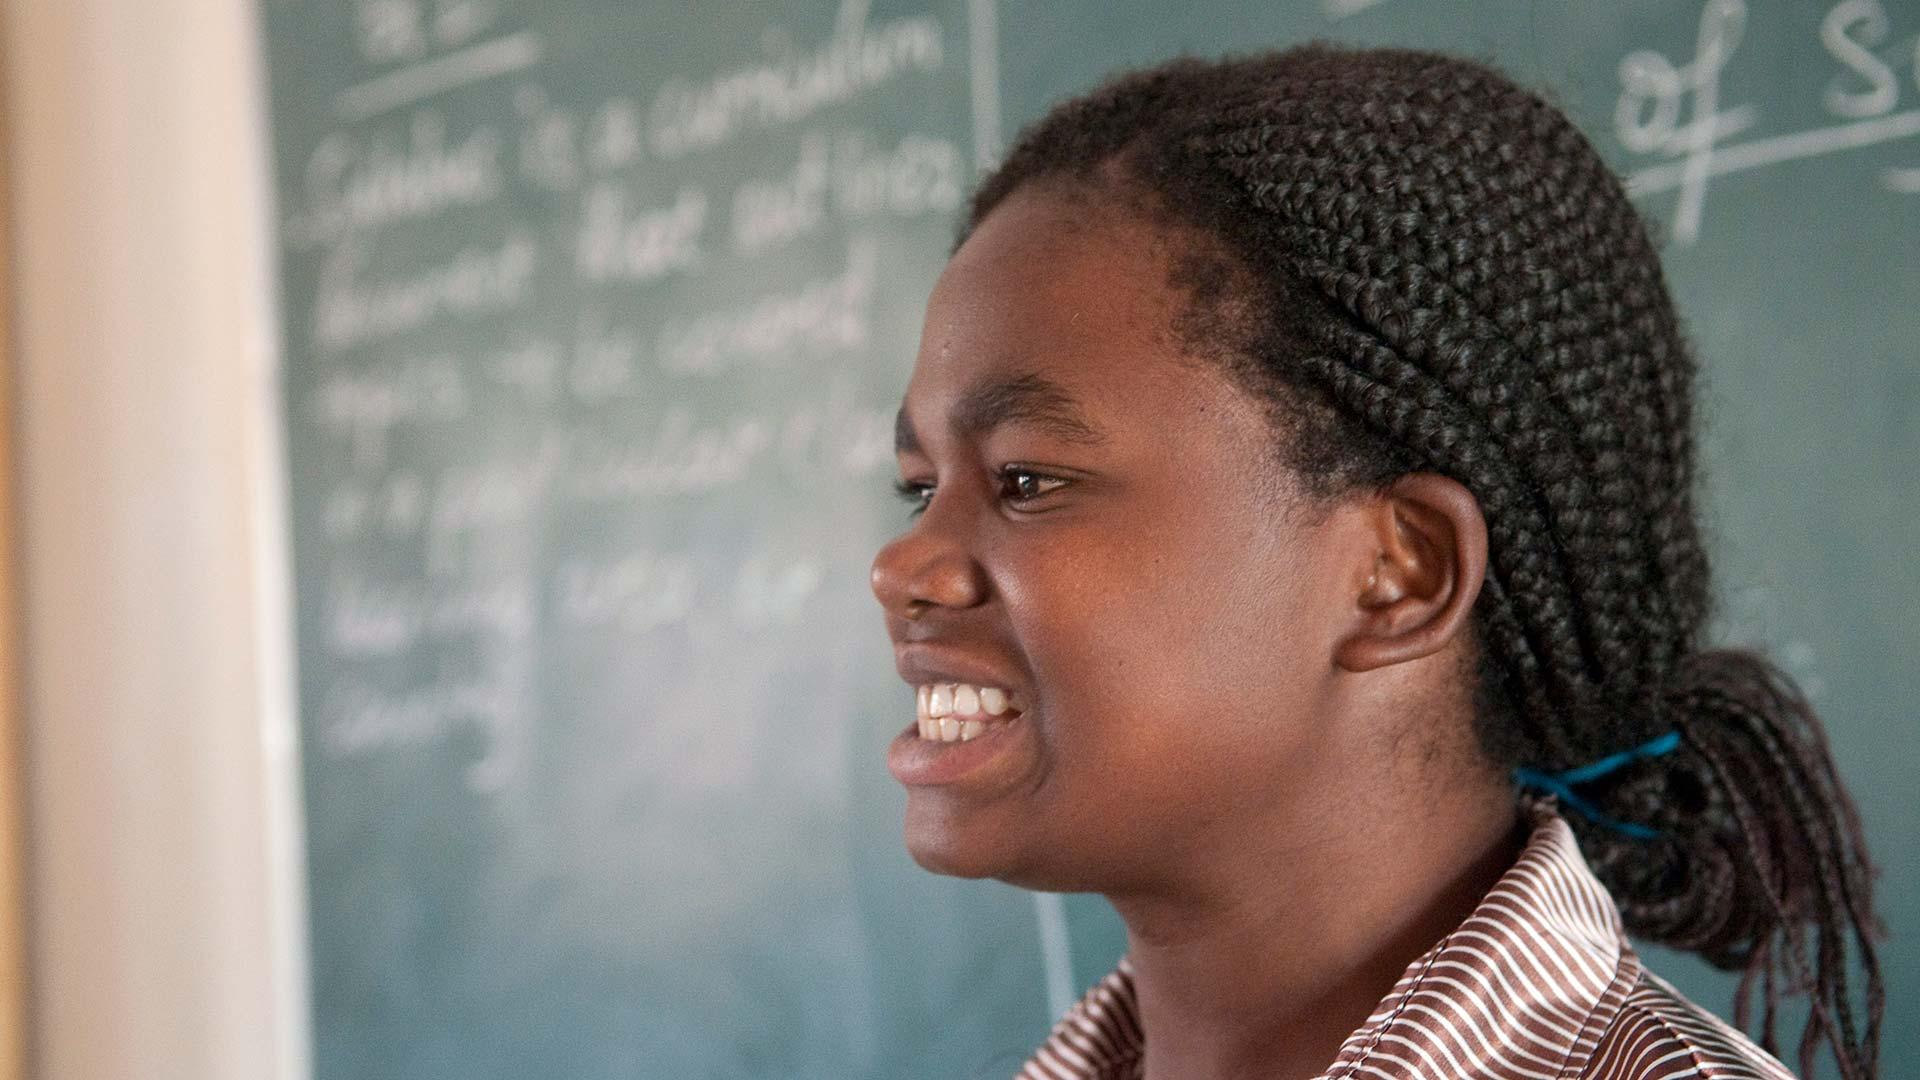 Malawian child talking to class in front of blackboard